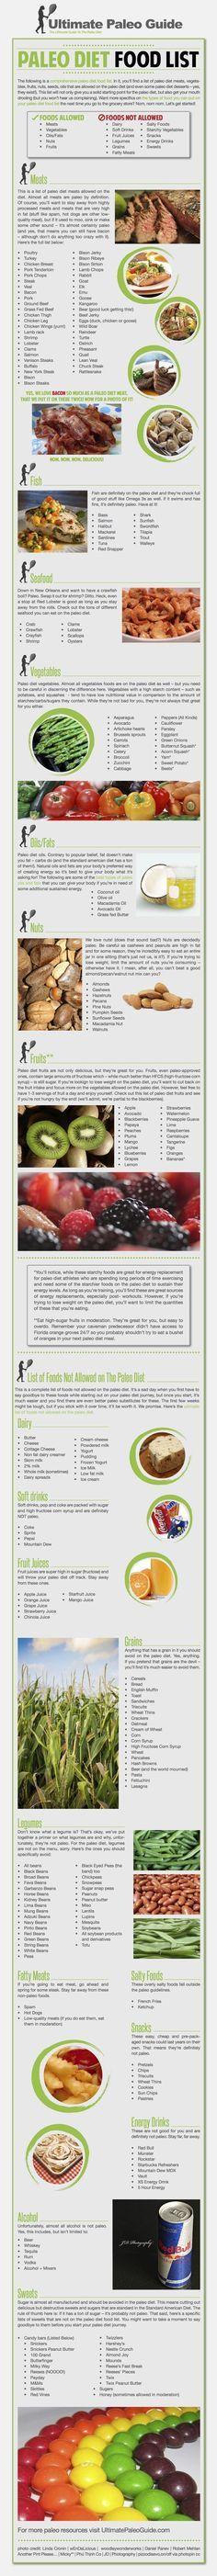 Diabetic eating plan Healthy food for diabetics